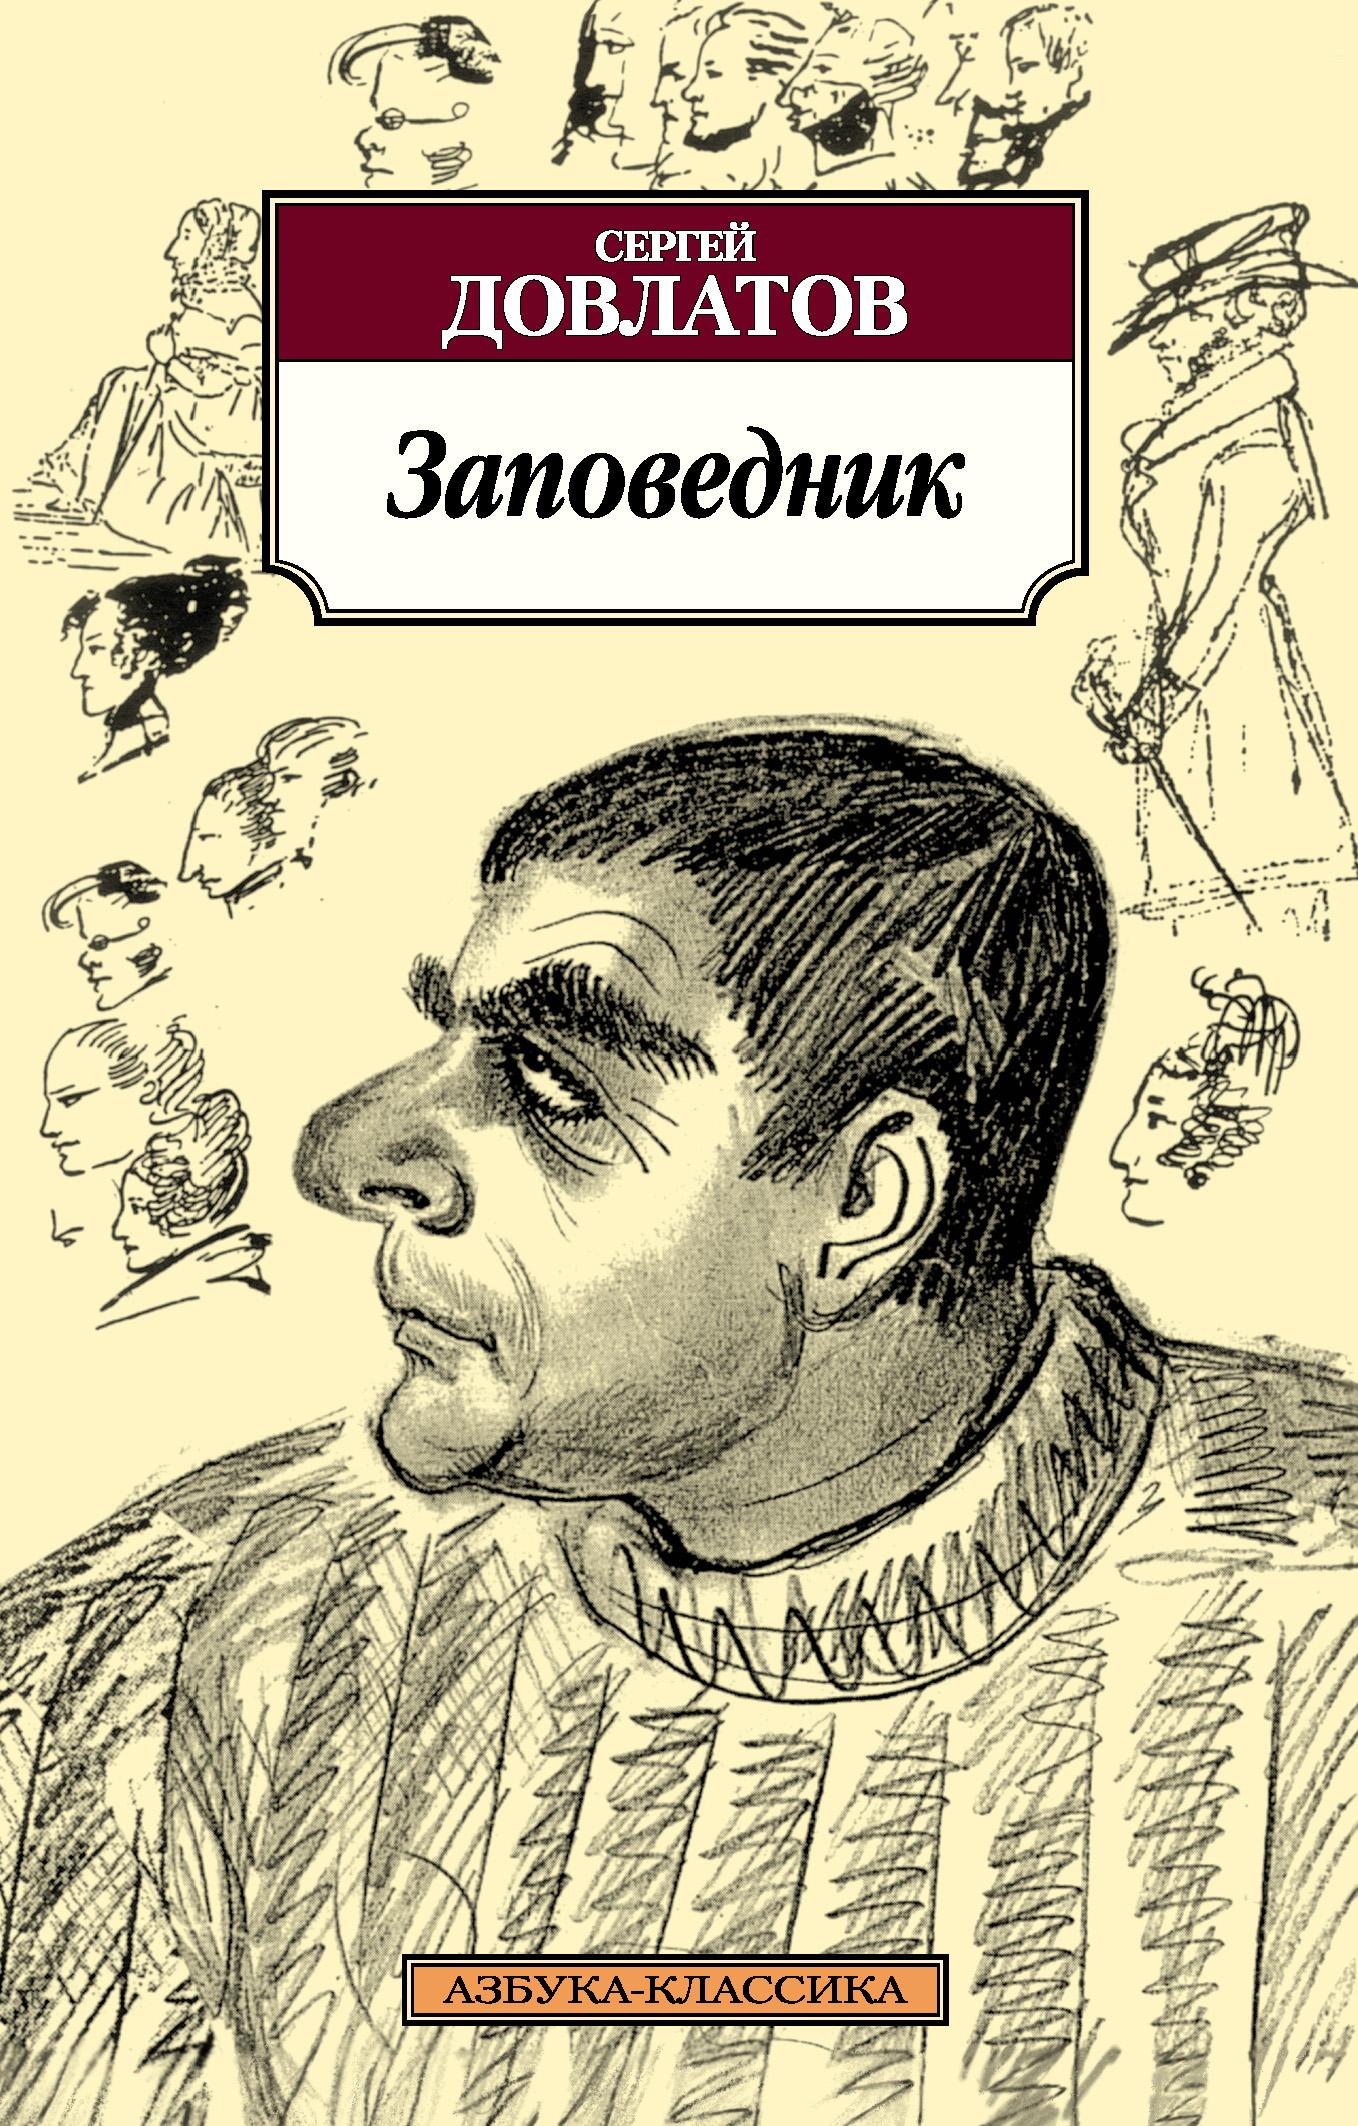 довлатов с иностранка Сергей Довлатов Заповедник